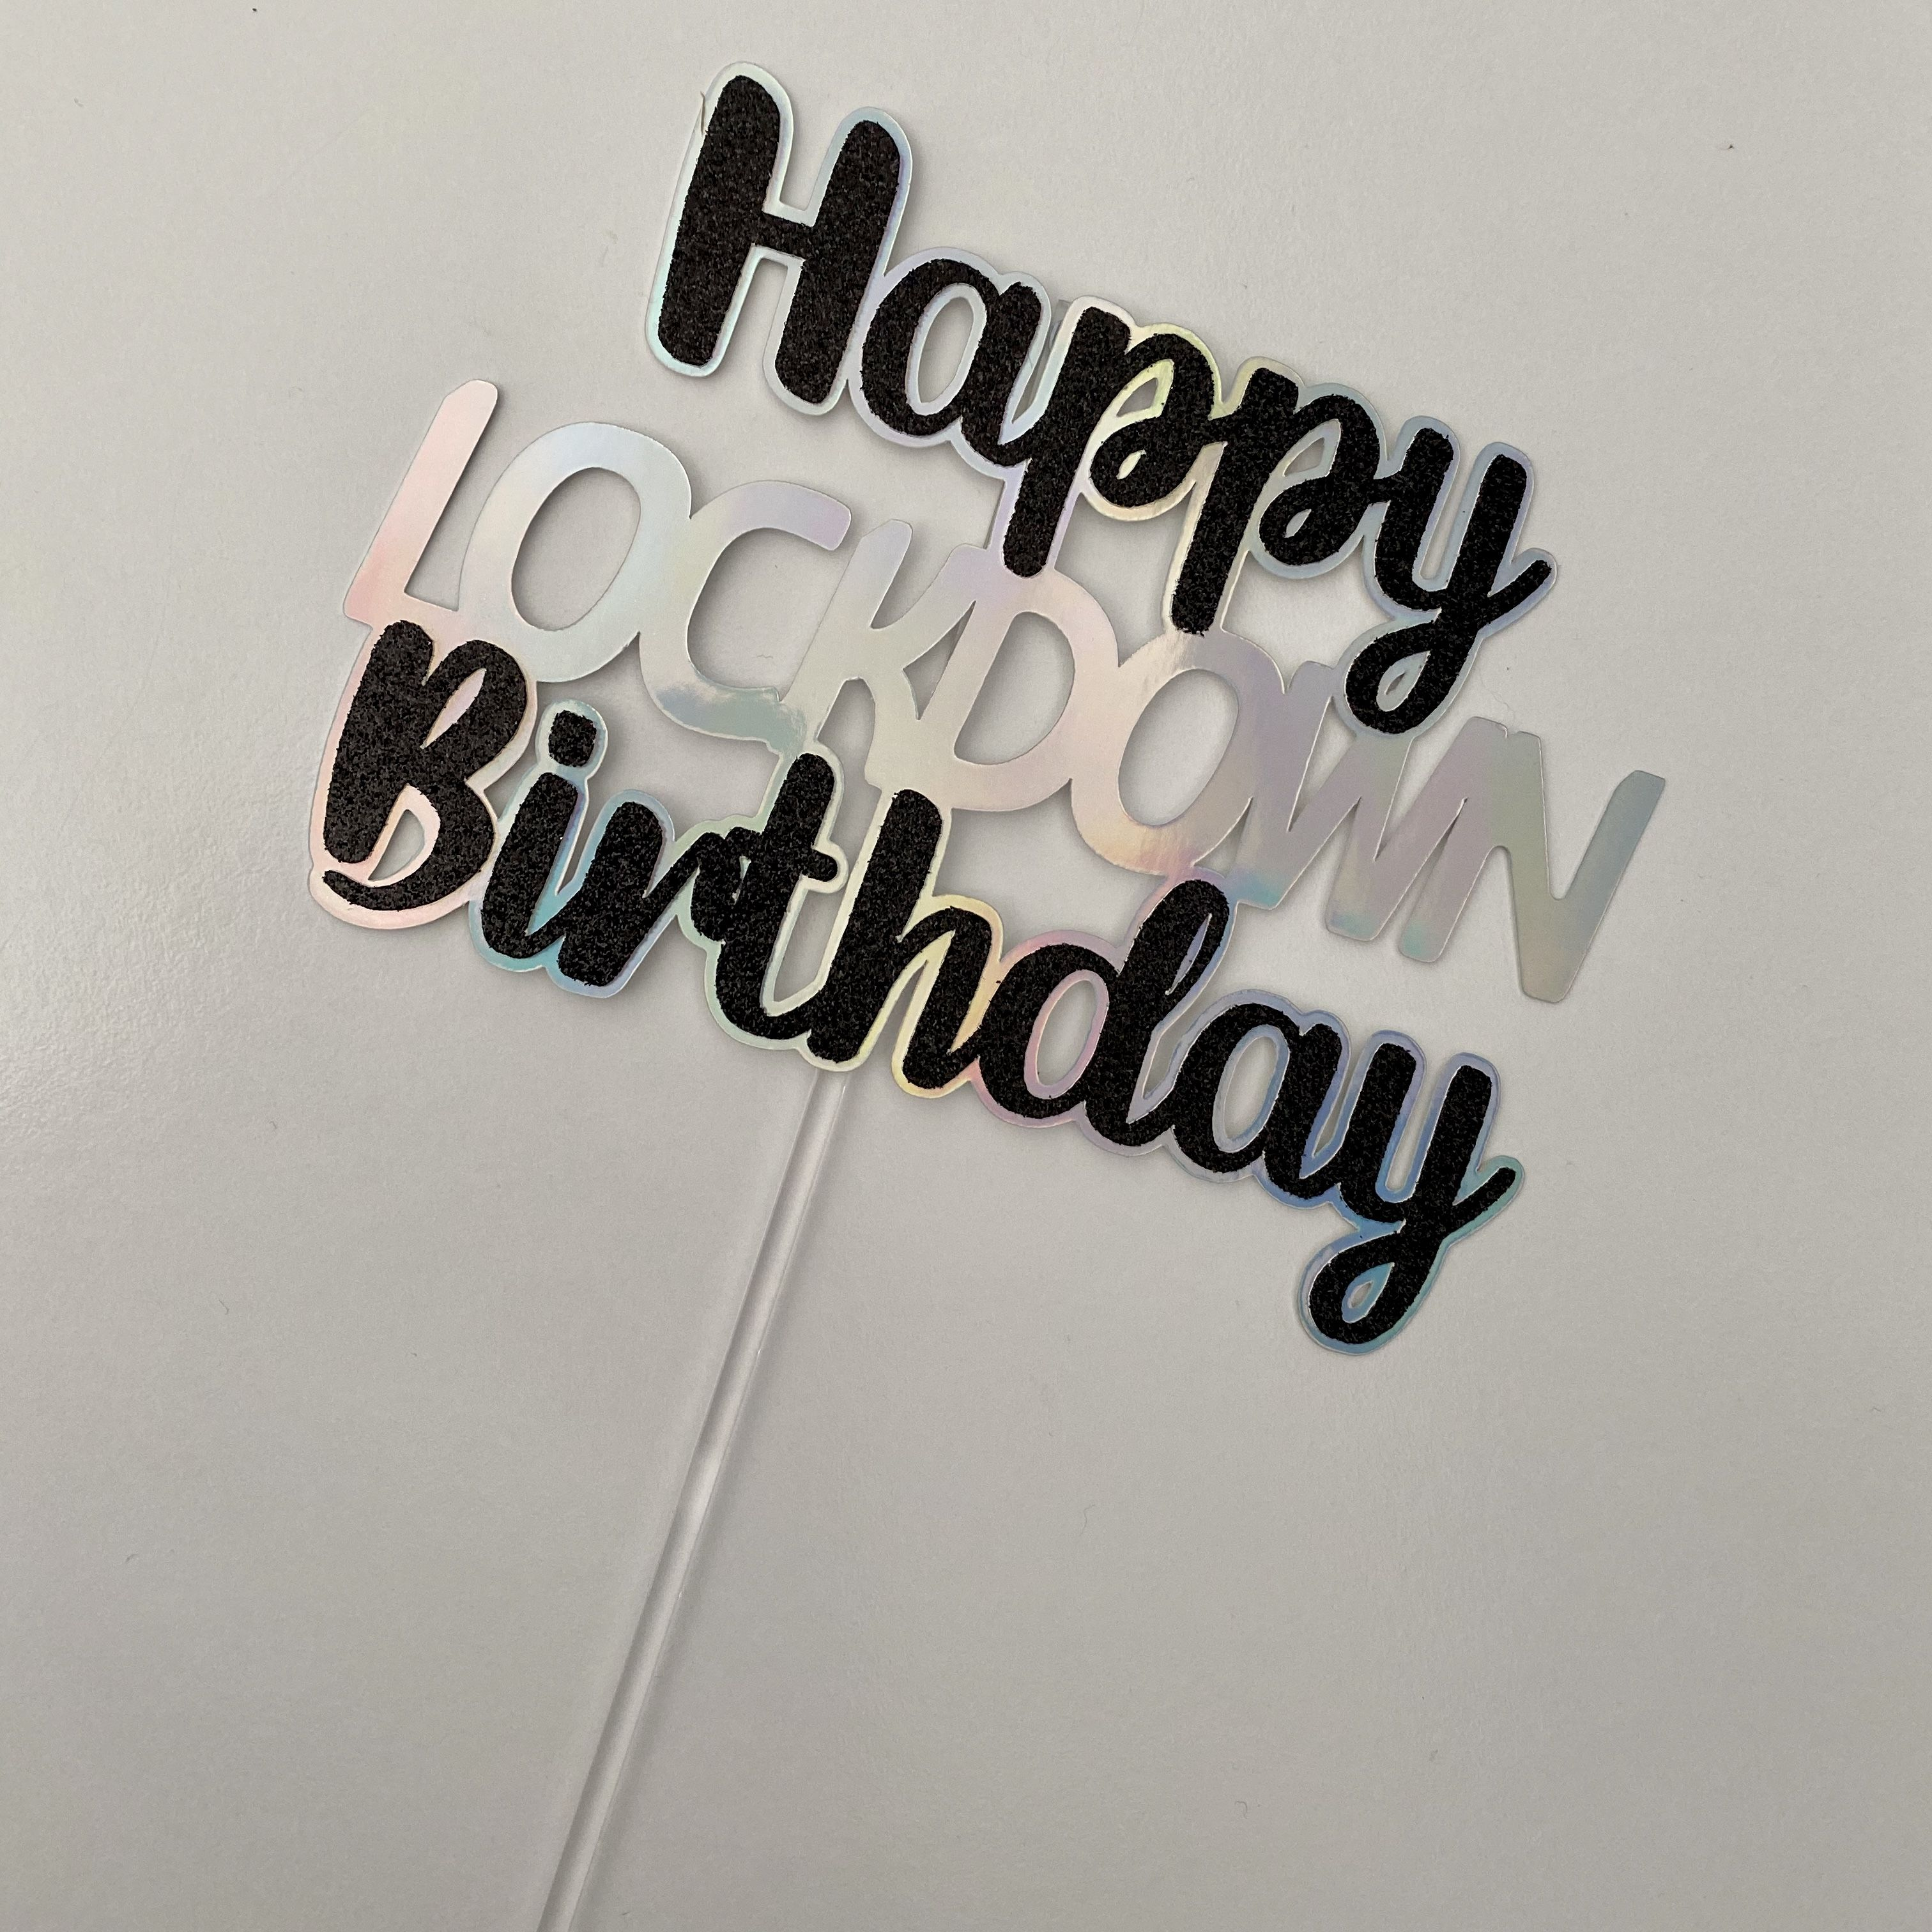 Happy Quarantine Birthday Glitter Birthday Cake Topper Isolation Birthday Cake Birthday during Lockdown.